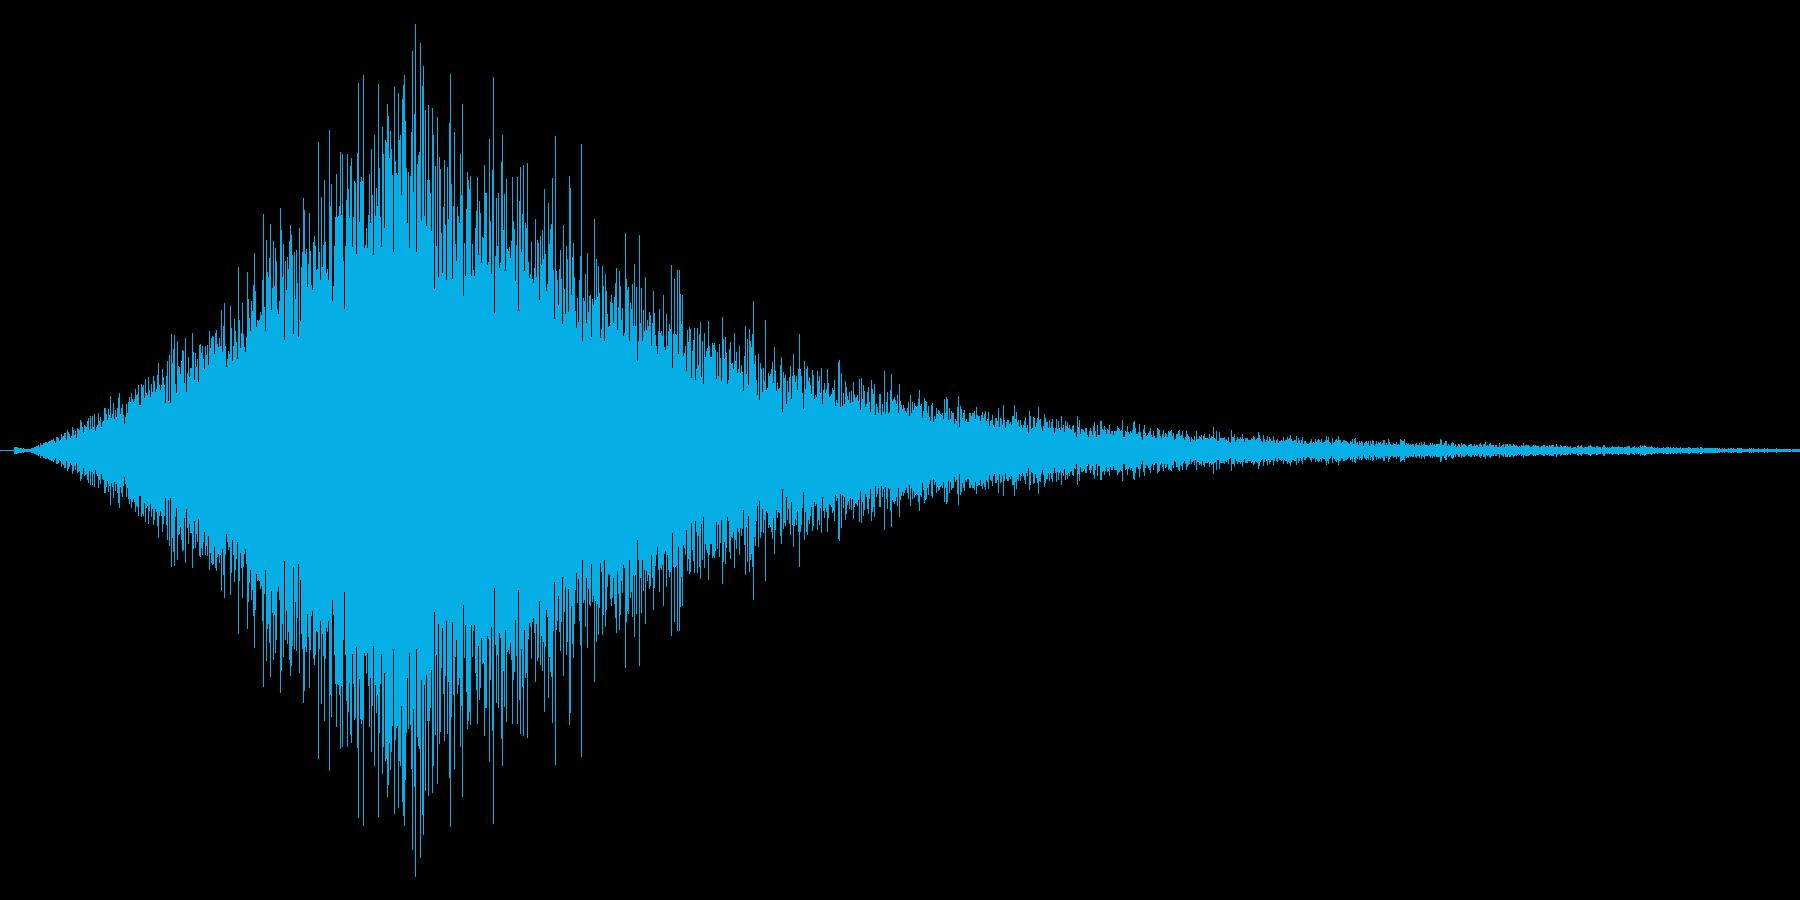 シュウォォ。ジャンプ・舞い降りる音の再生済みの波形